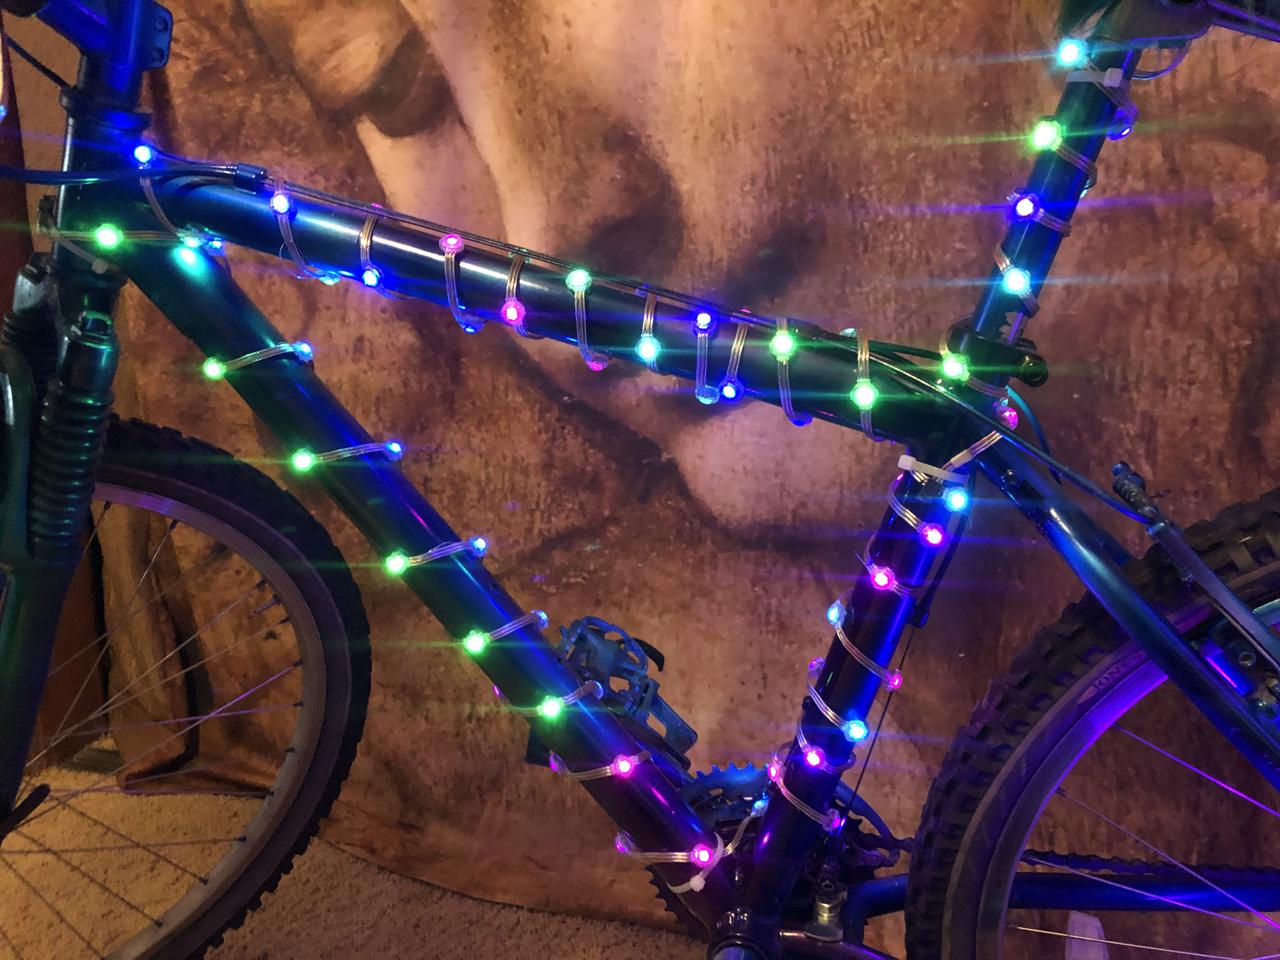 led_strips_frame_13_wrapped.jpg